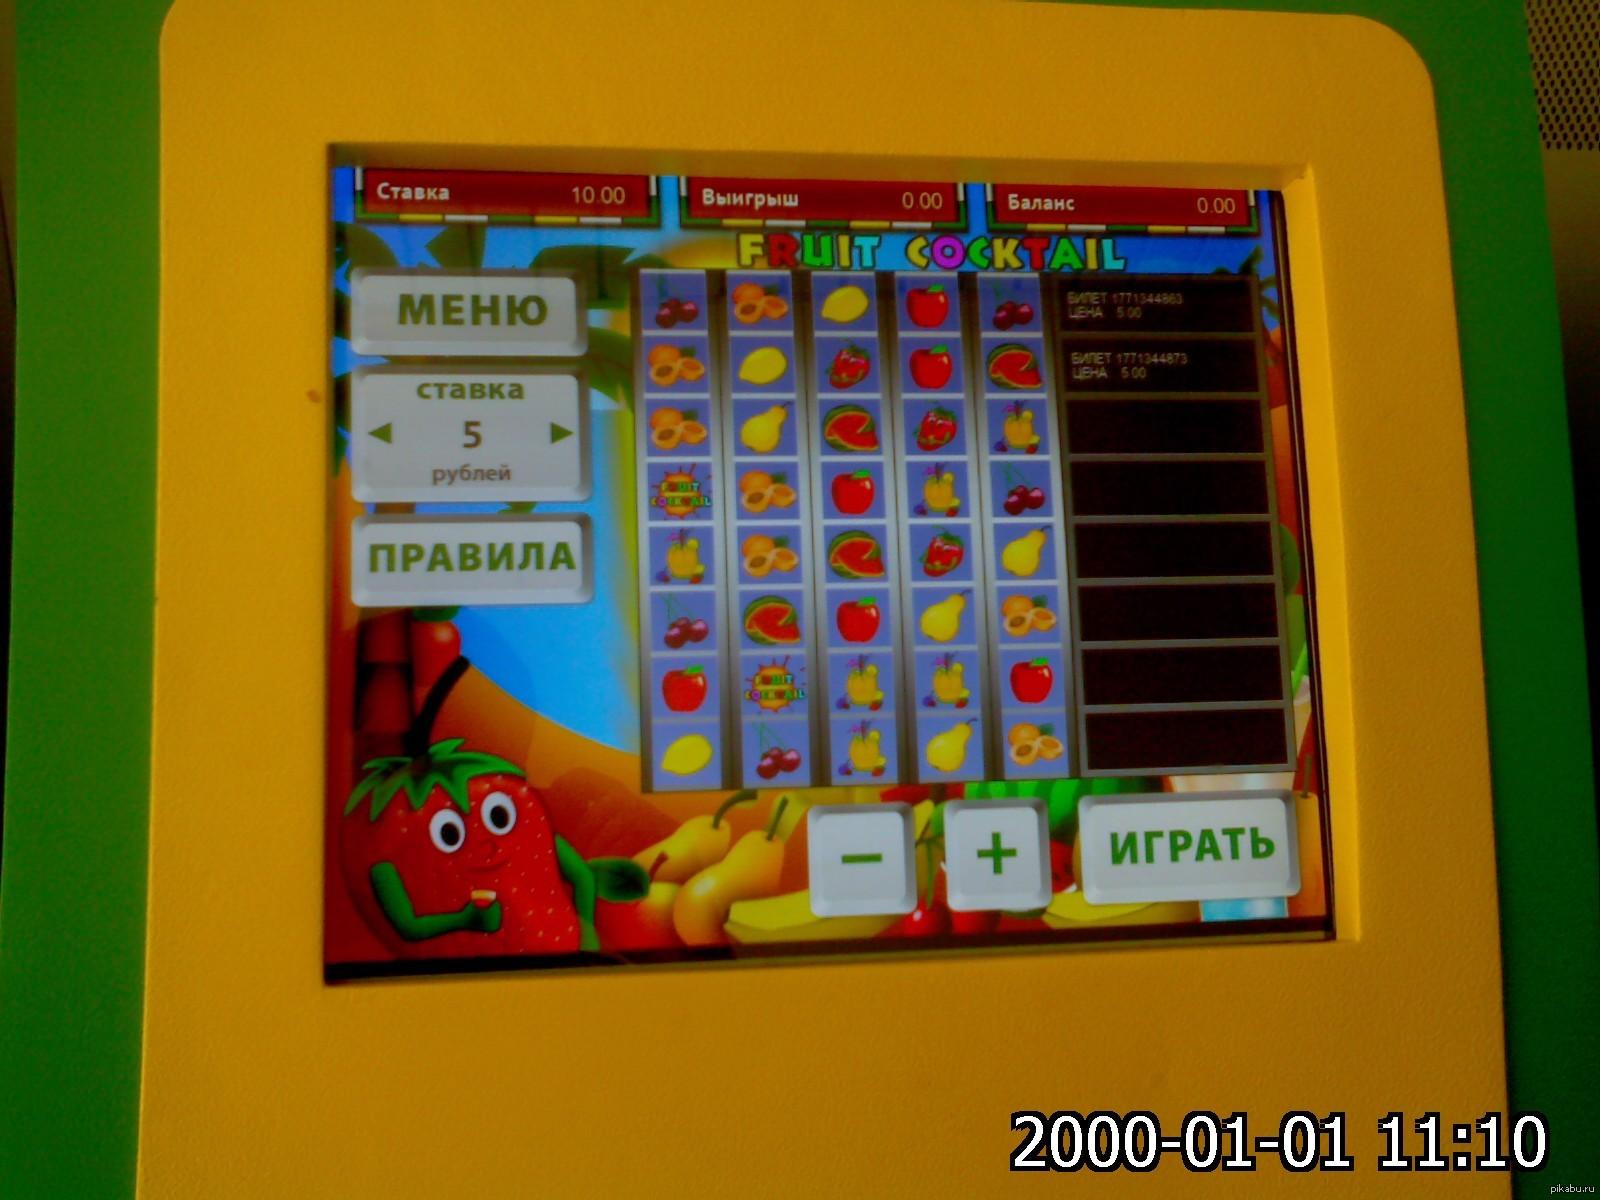 Играть в гранд казино онлайн